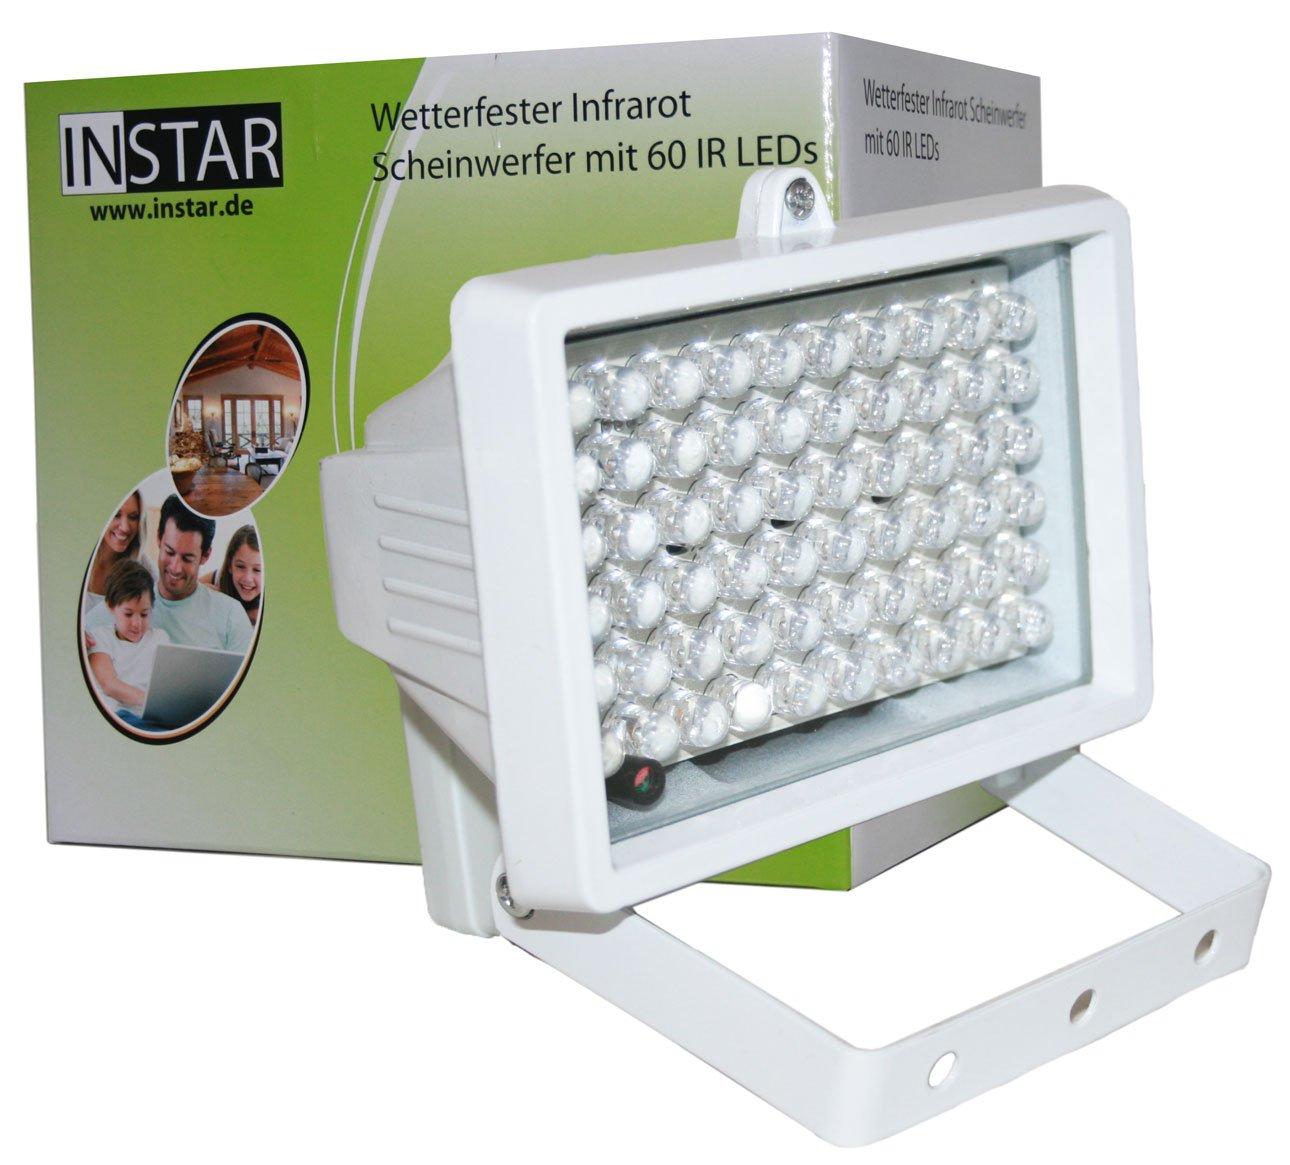 ww521 instar in 905 v2 100793 infrarotscheinwerfer mit automatischem helligkeits. Black Bedroom Furniture Sets. Home Design Ideas